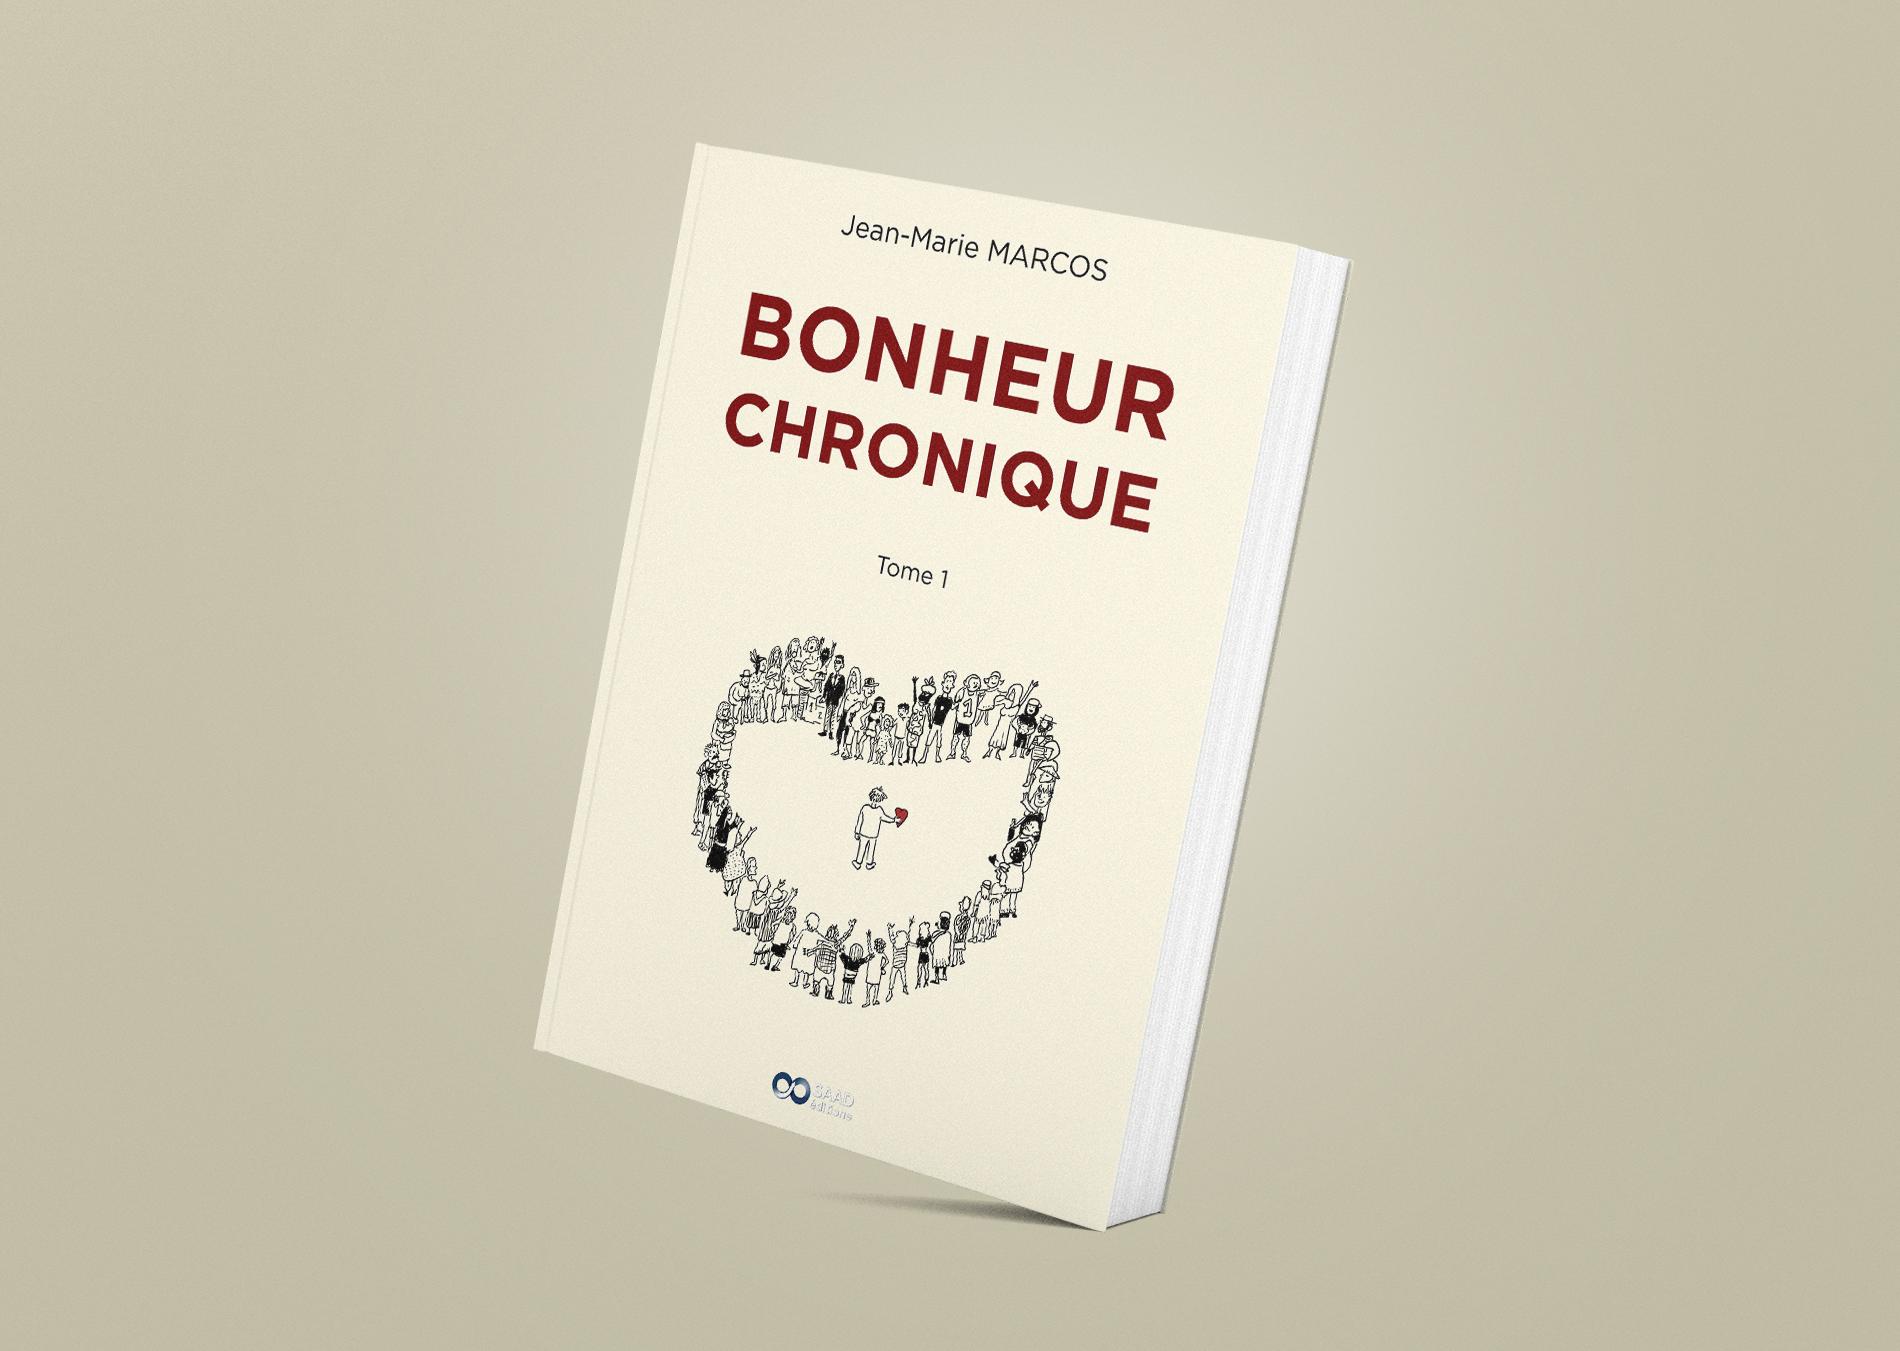 Bonheur Chronique Livre Mockup